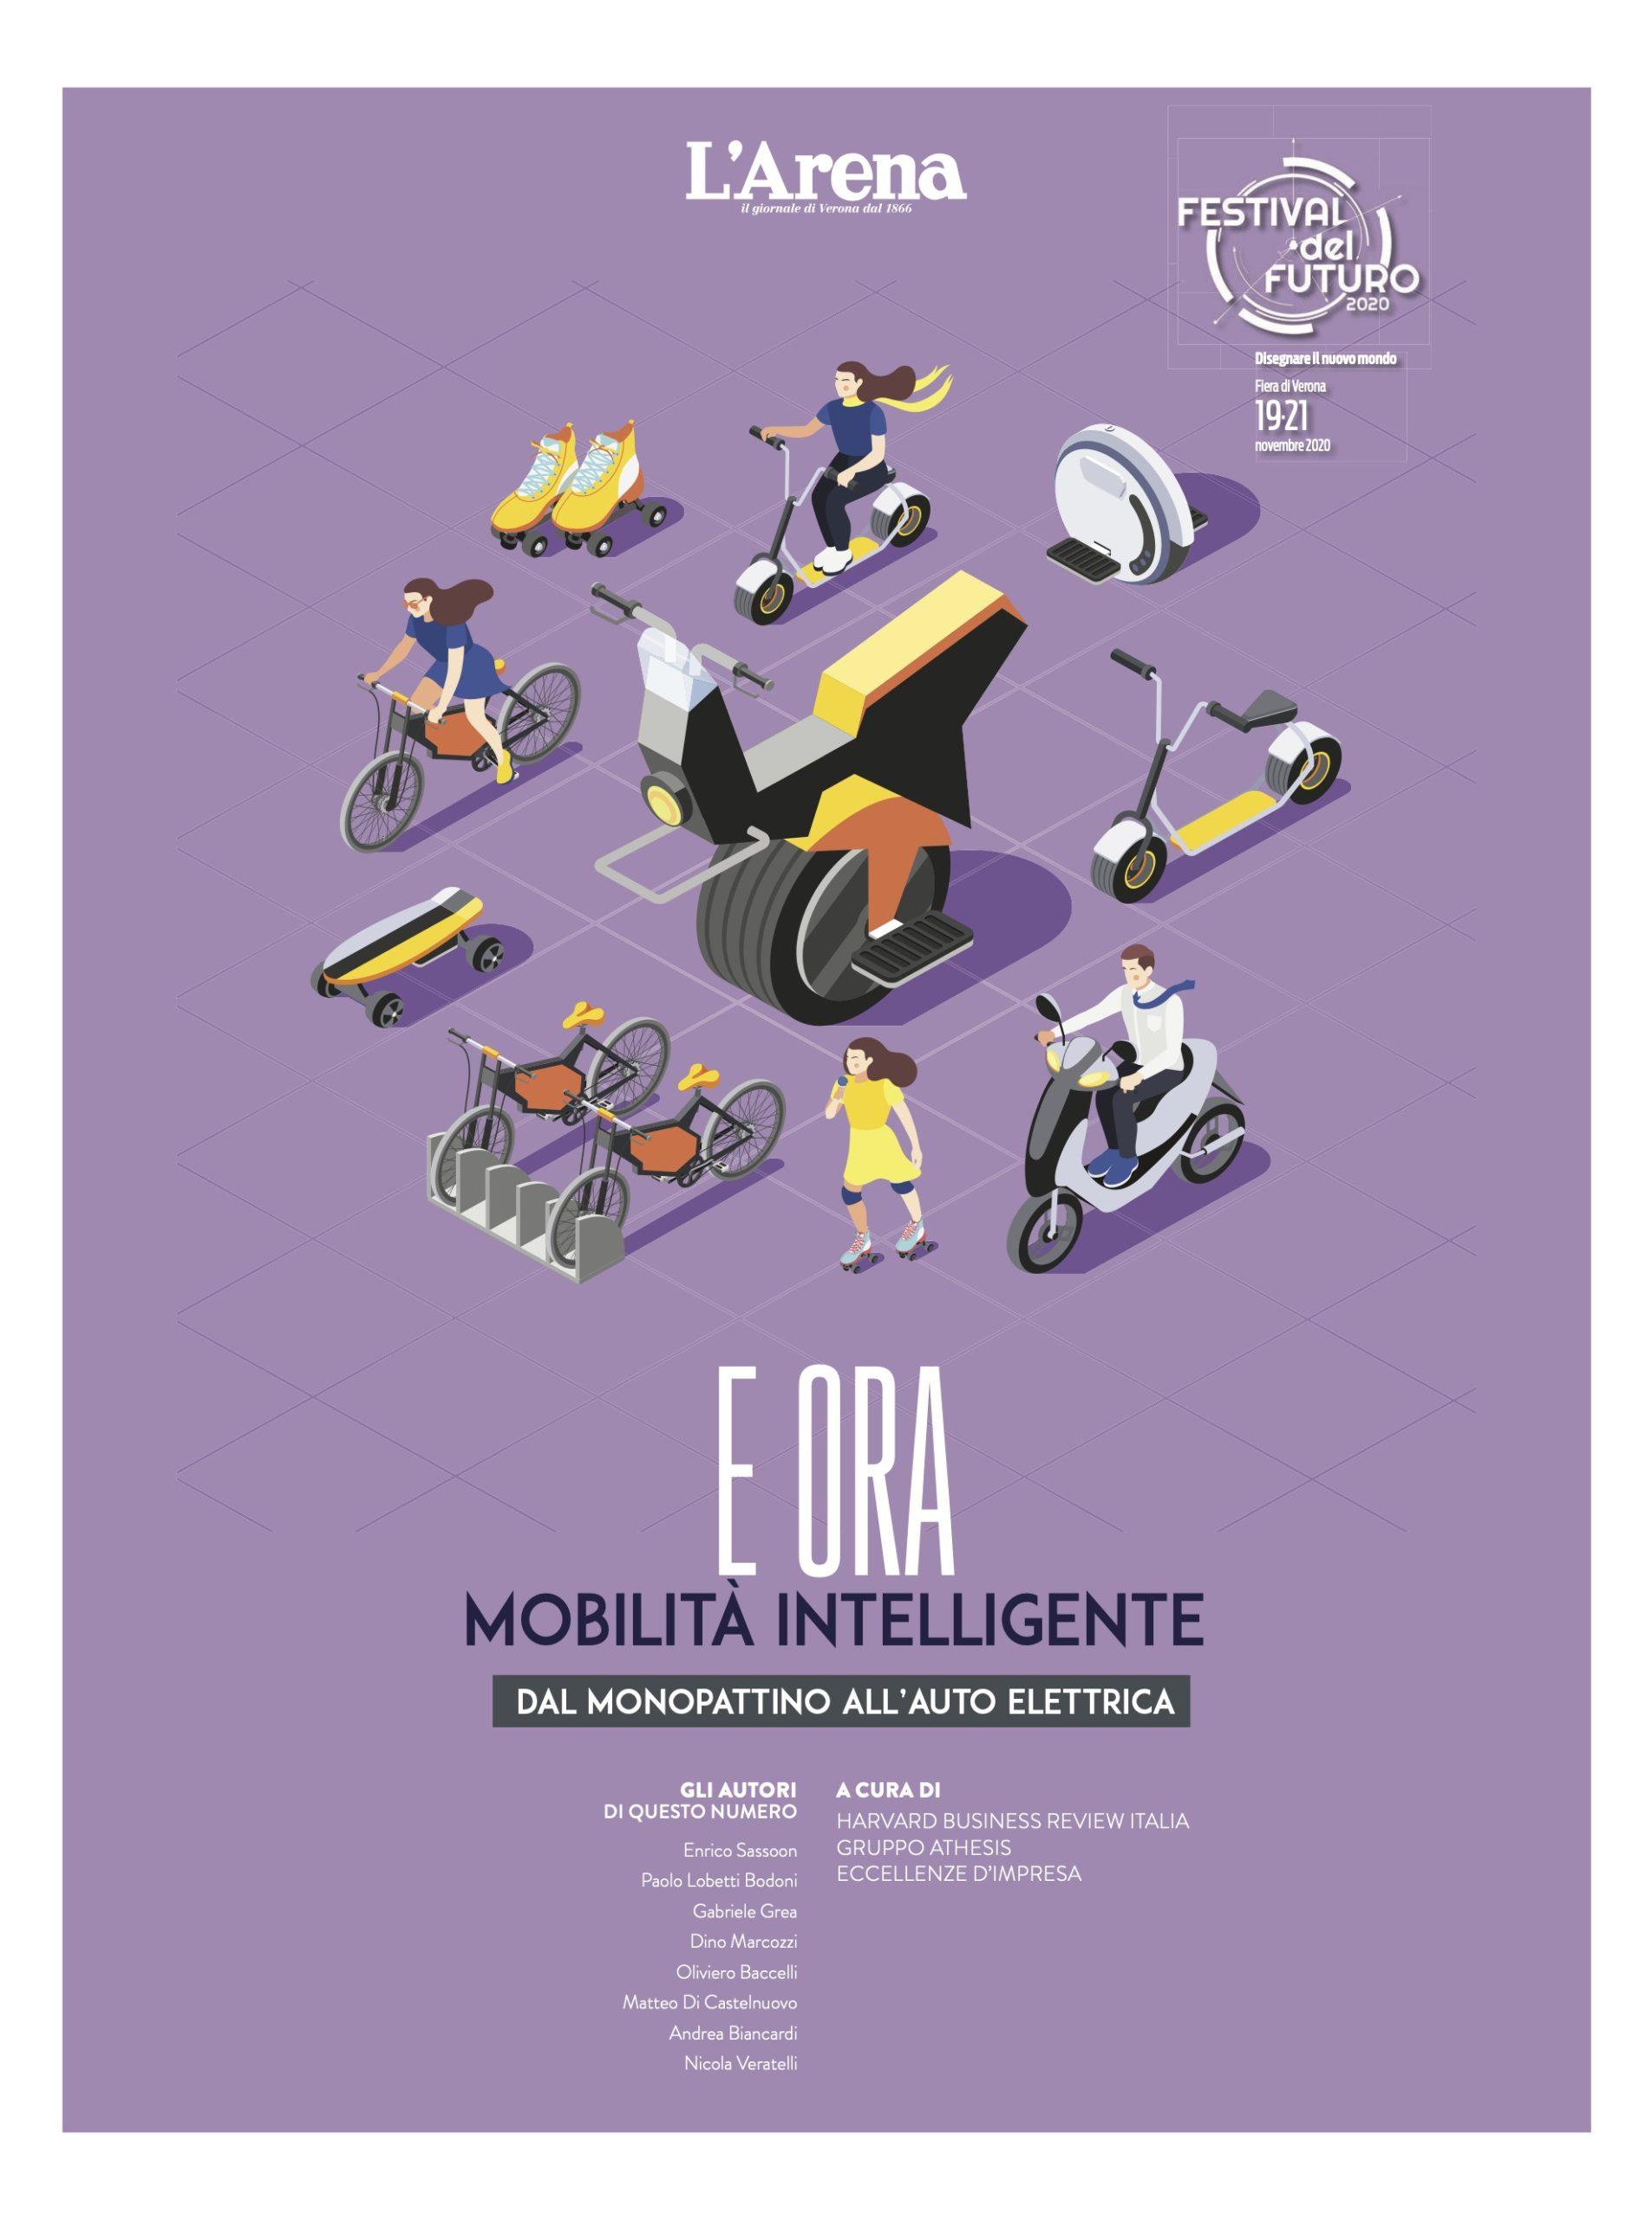 Speciale Festival del Futuro: E ora mobilità intelligente